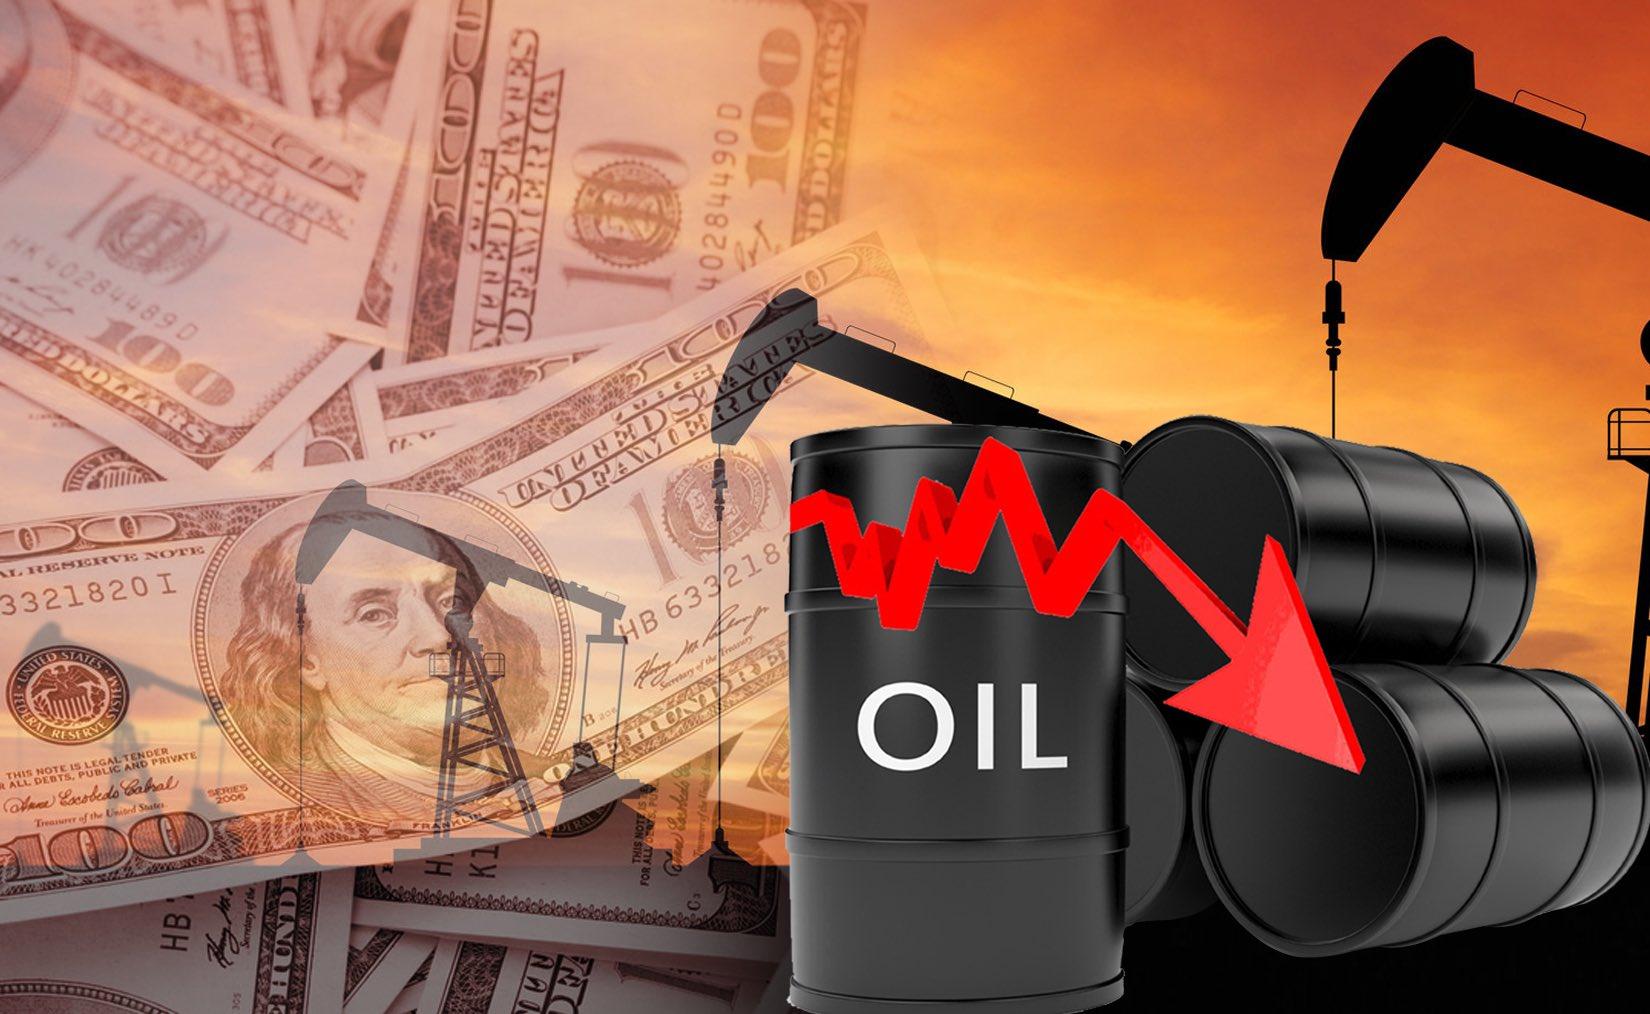 ٢٠٢٠١٢٢٤ ١٠٥٦٠٠ - سعر برميل النفط الكويتي ينخفض 12 سنتاً ليبلغ مستوى 49.29 دولارا وذلك وفقا للسعر المعلن من مؤسسة البترول الكويتية   #الكويت  #مؤسسة_البترول #النفط       #العبدلي_نيوز